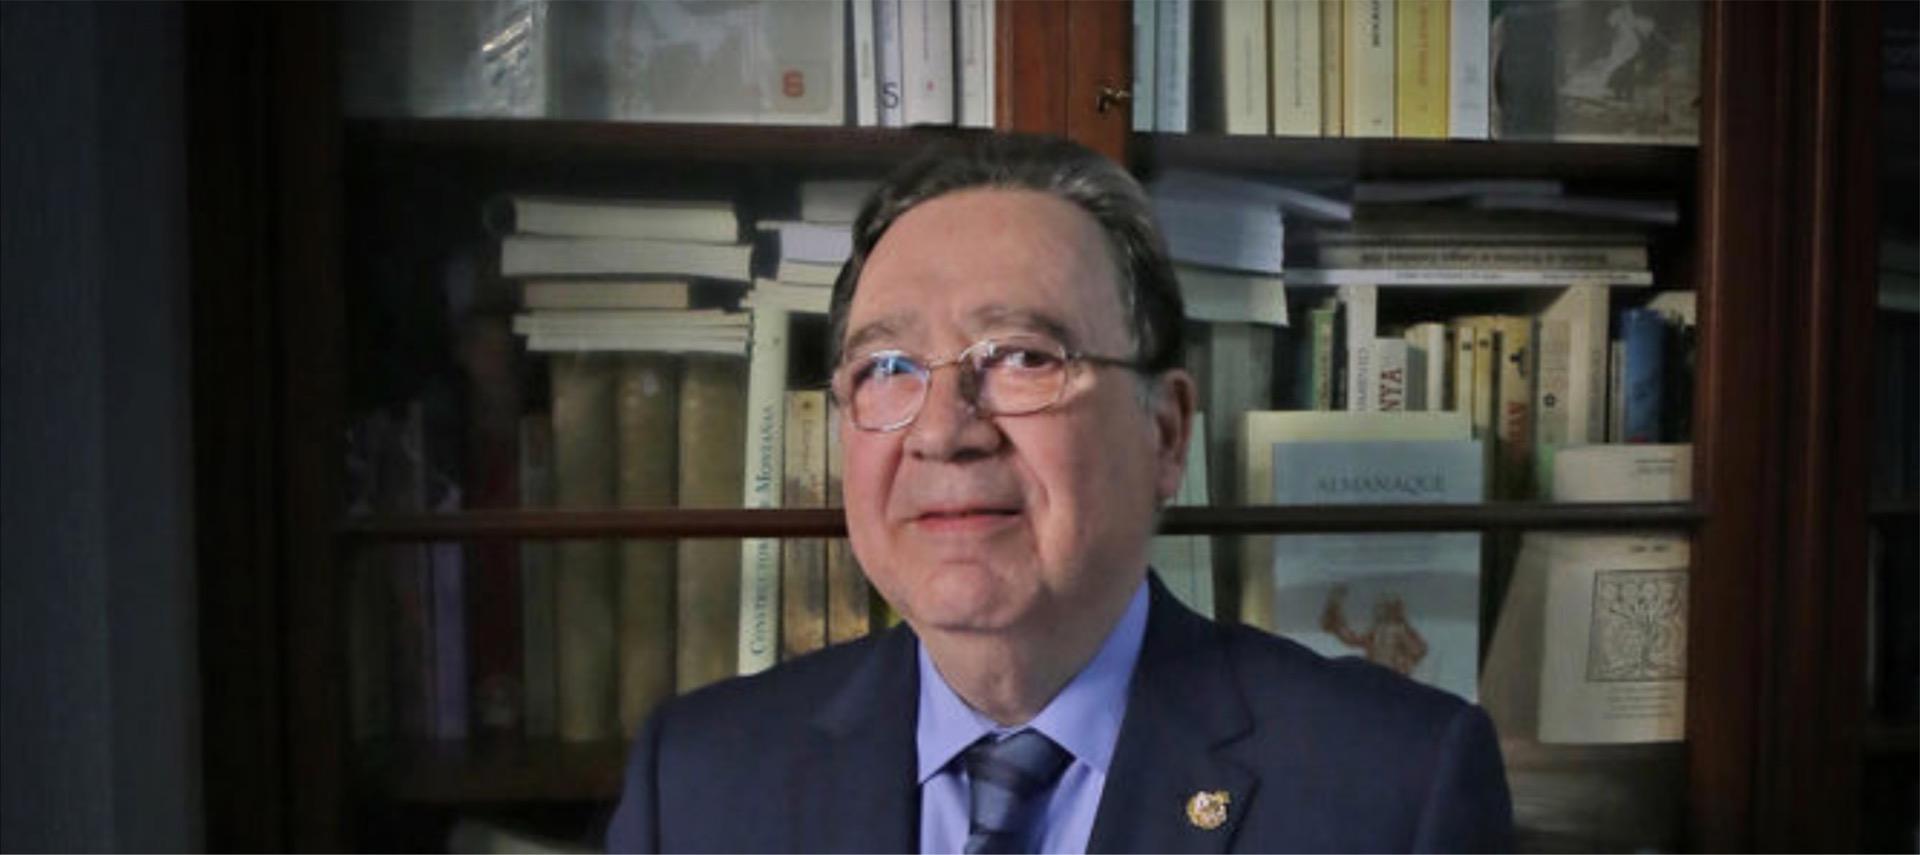 El Colegio de Médicos premia el trabajo del doctor Ortiz Tardío